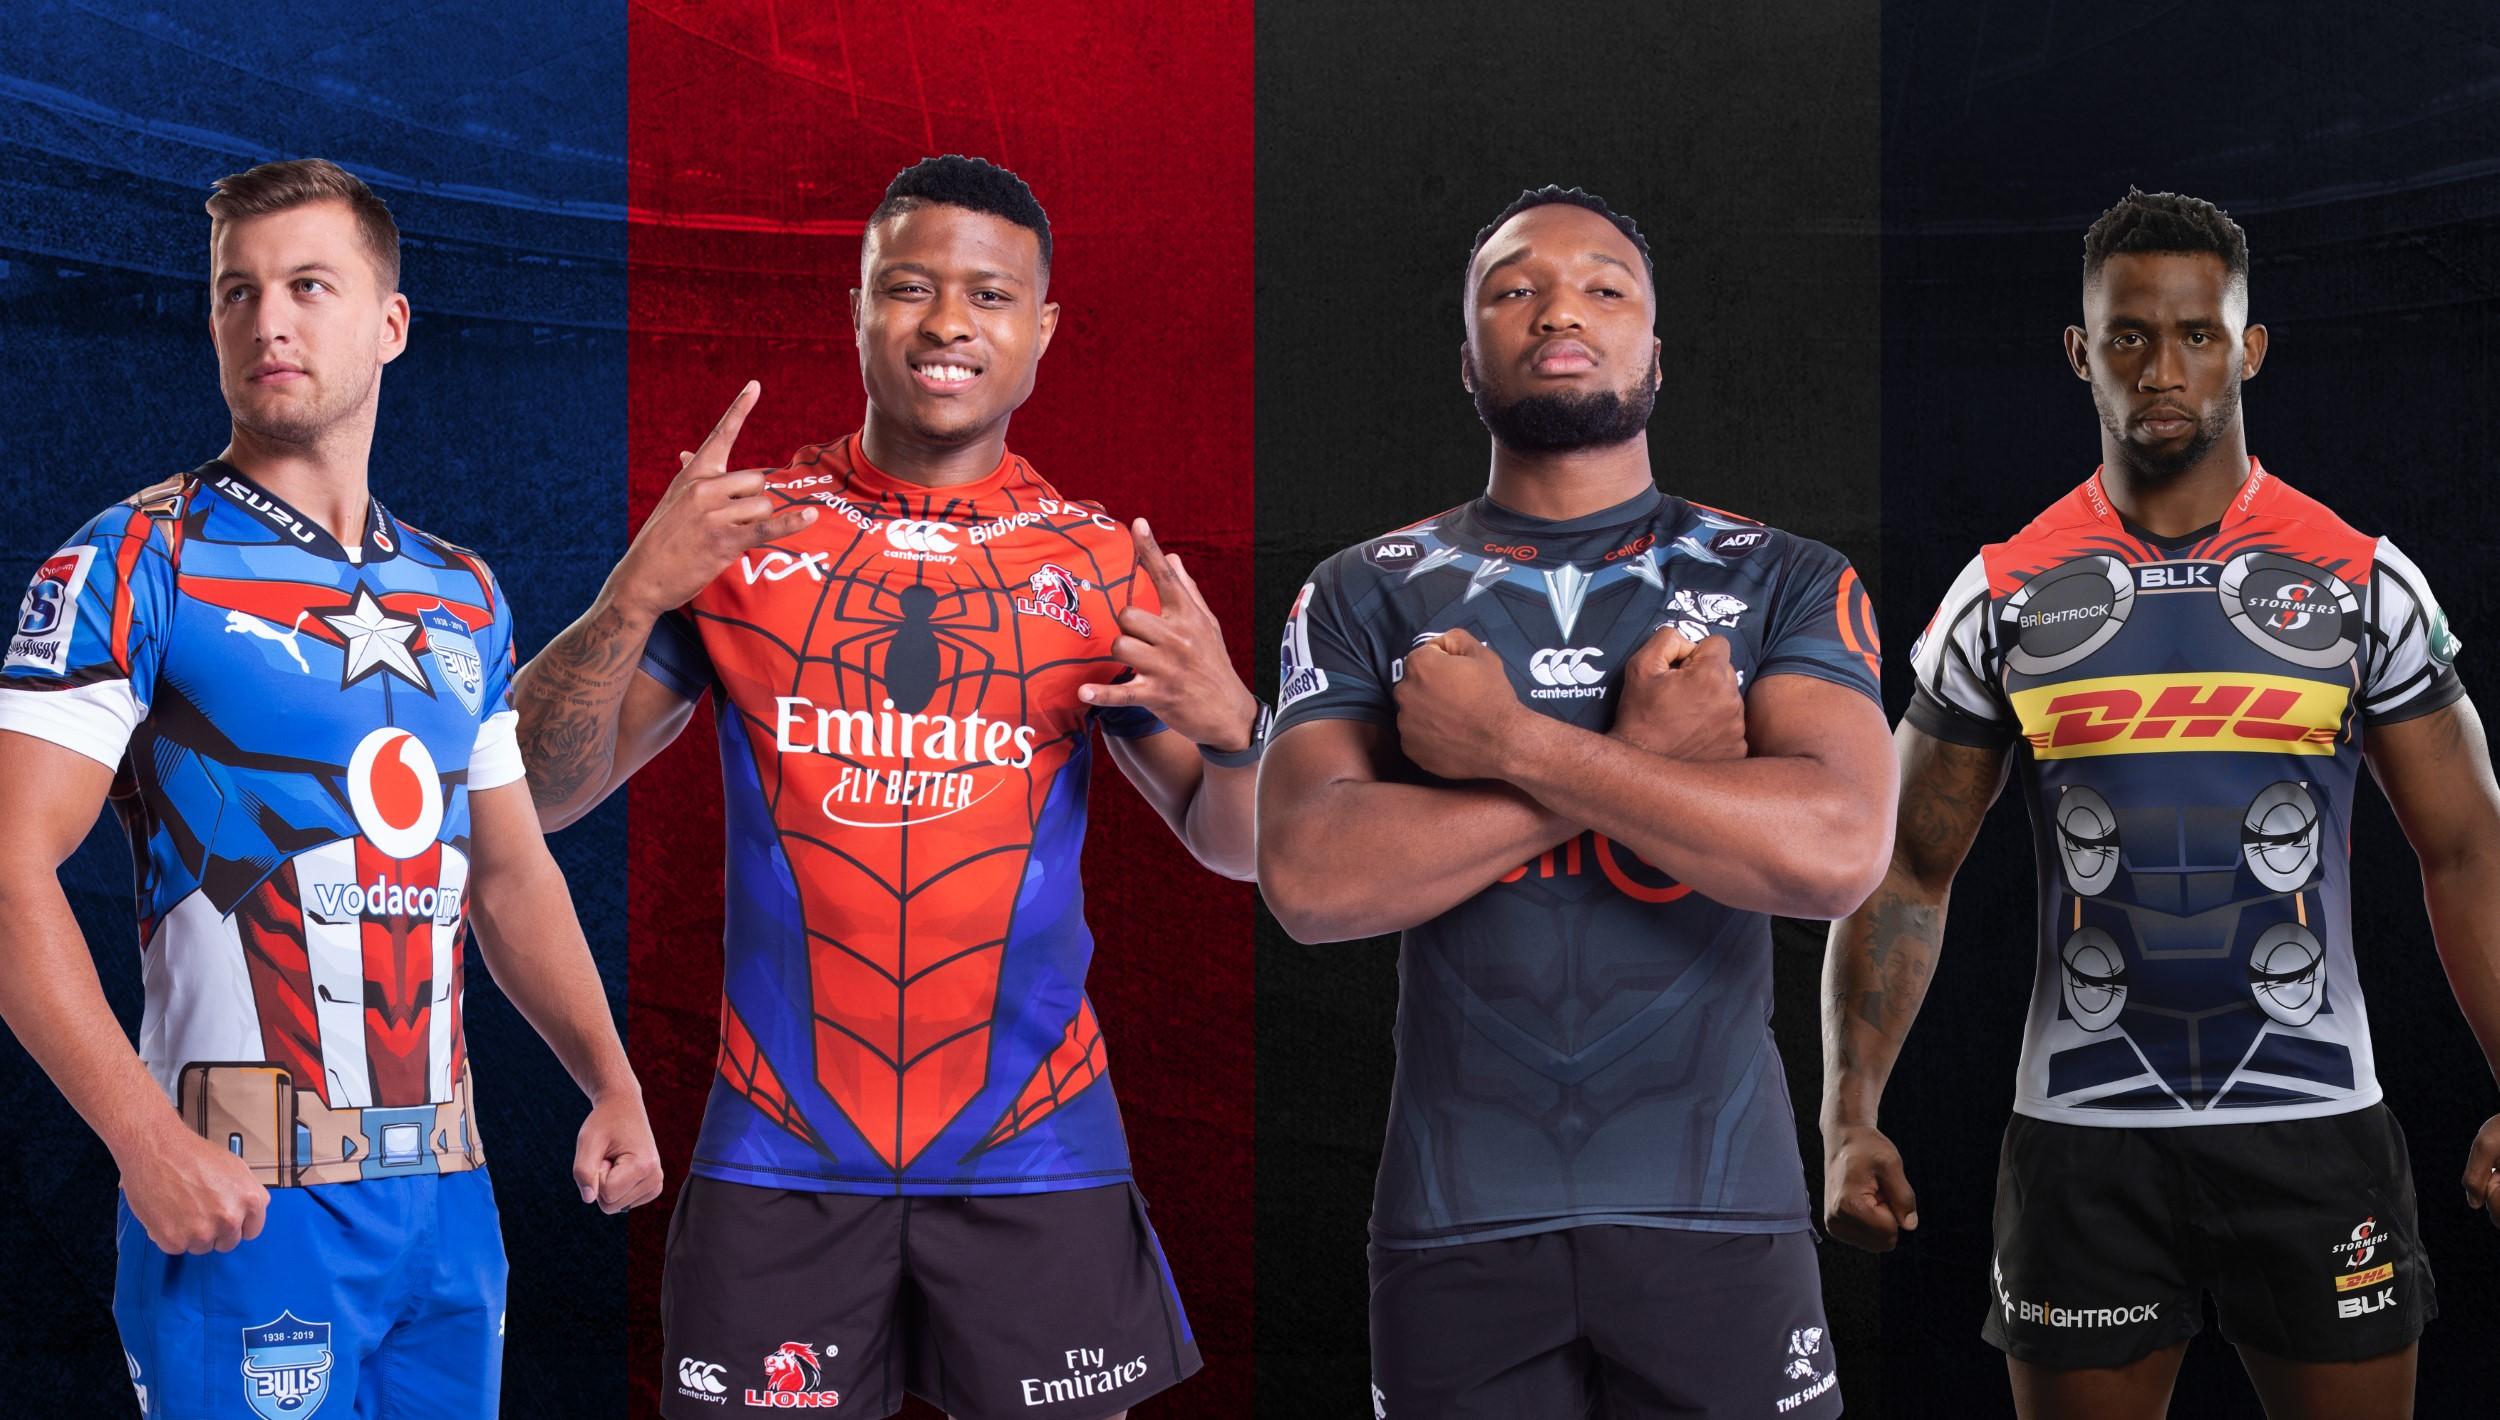 8cd8e92e46e Superhero jerseys launched for Vodacom Super Rugby